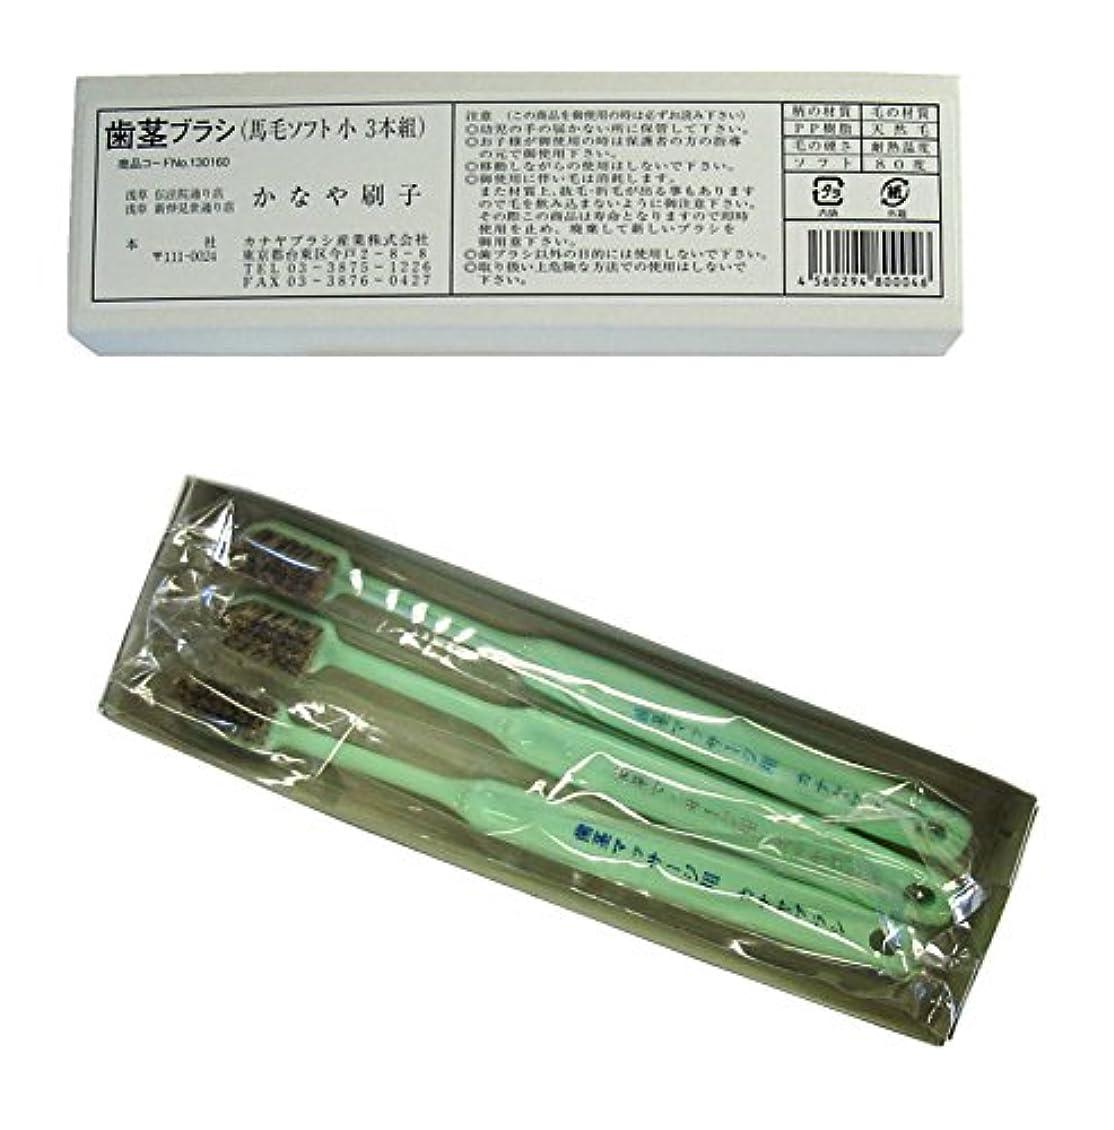 フォーマル温室利益馬毛歯茎ブラシ(3本入り) 絶品! カナヤブラシ製品 毛質:超ソフト